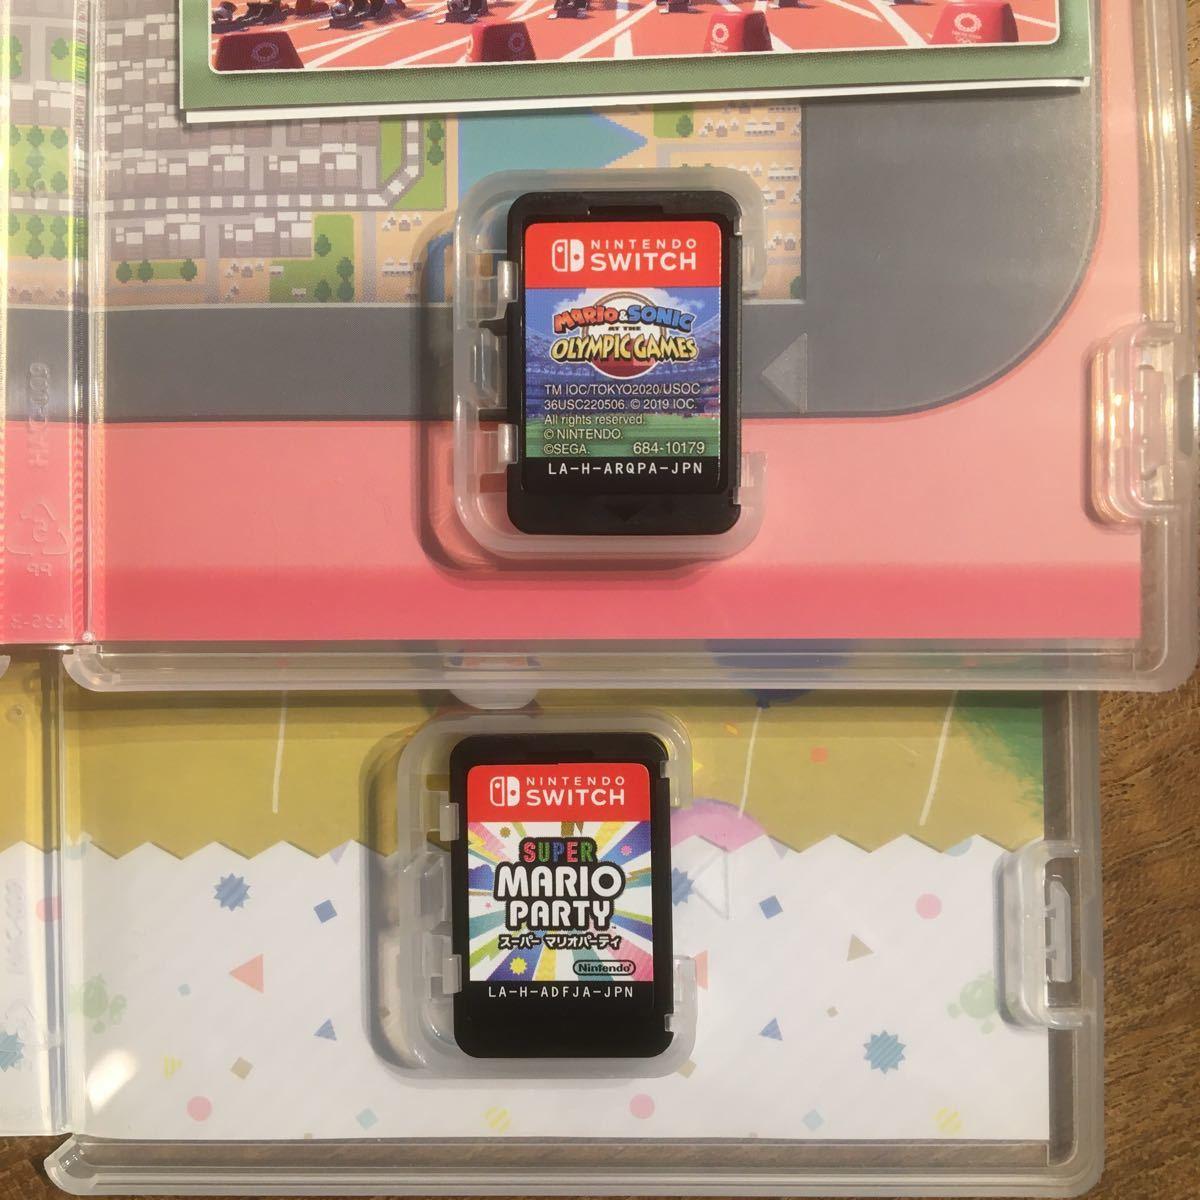 Nintendo Switch スーパーマリオパーティ と マリオ&ソニックAT東京2020オリンピックのセット